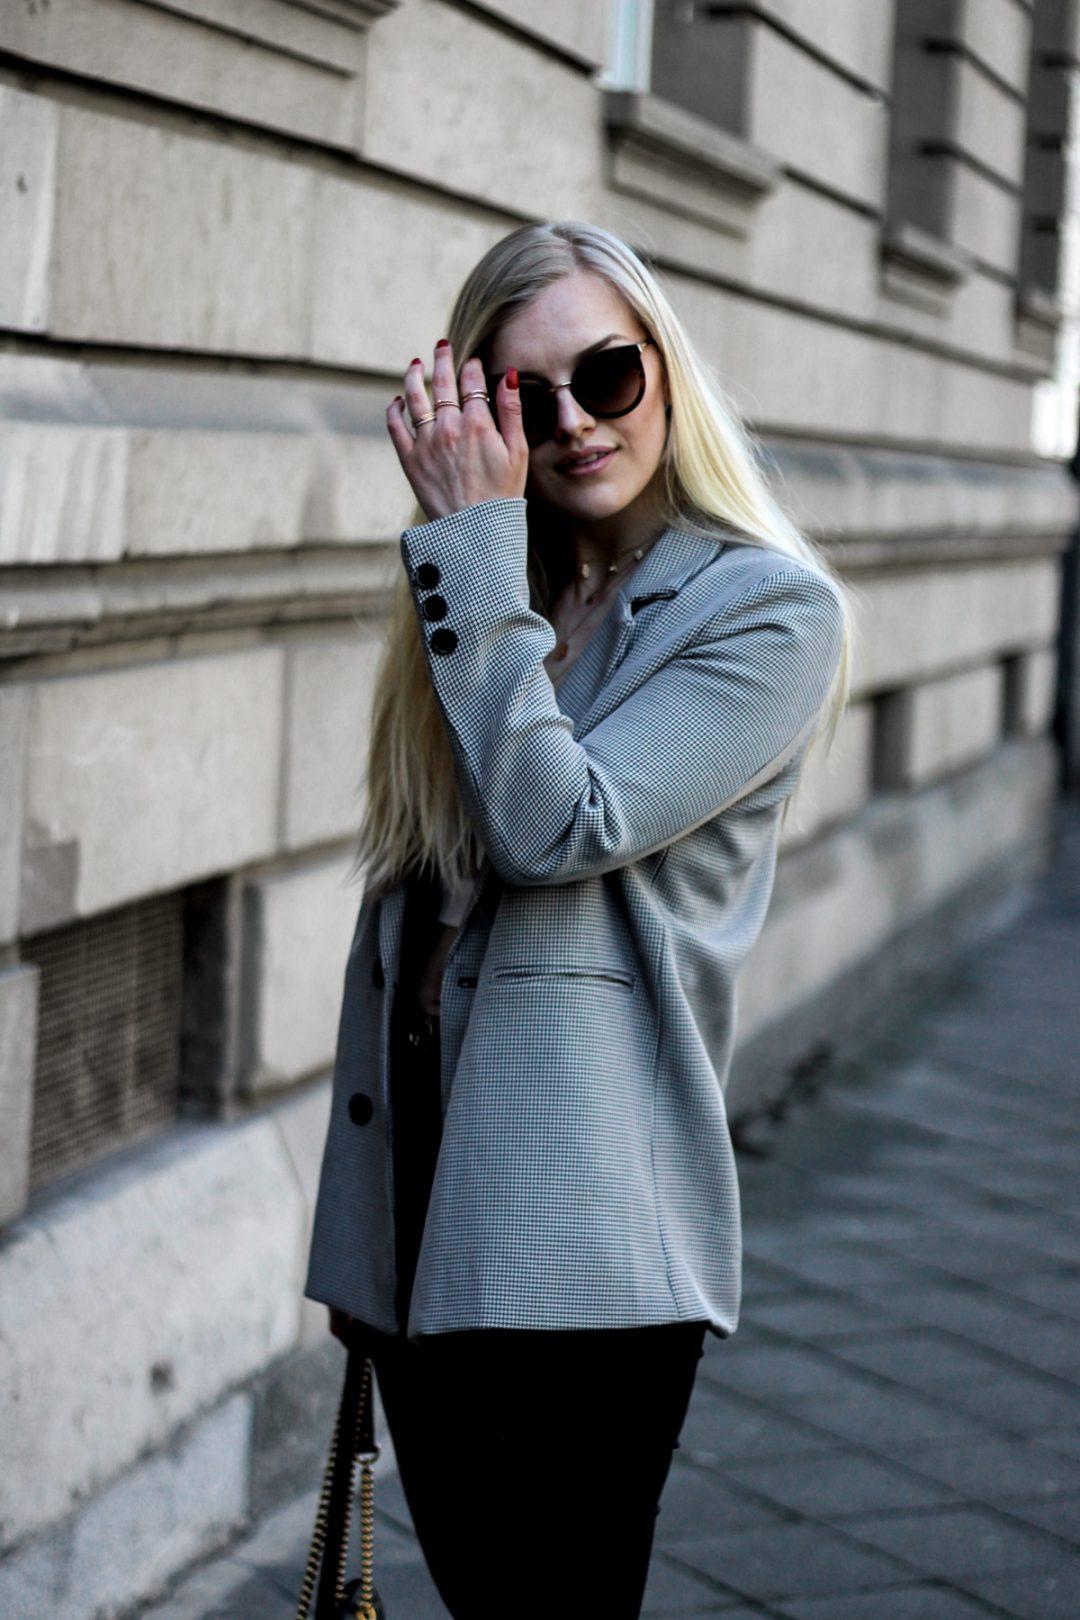 Eva-Jasmin-Crop-Top-Houndstooth-Gucci-Marmont-Stilnest-Necklaces-03